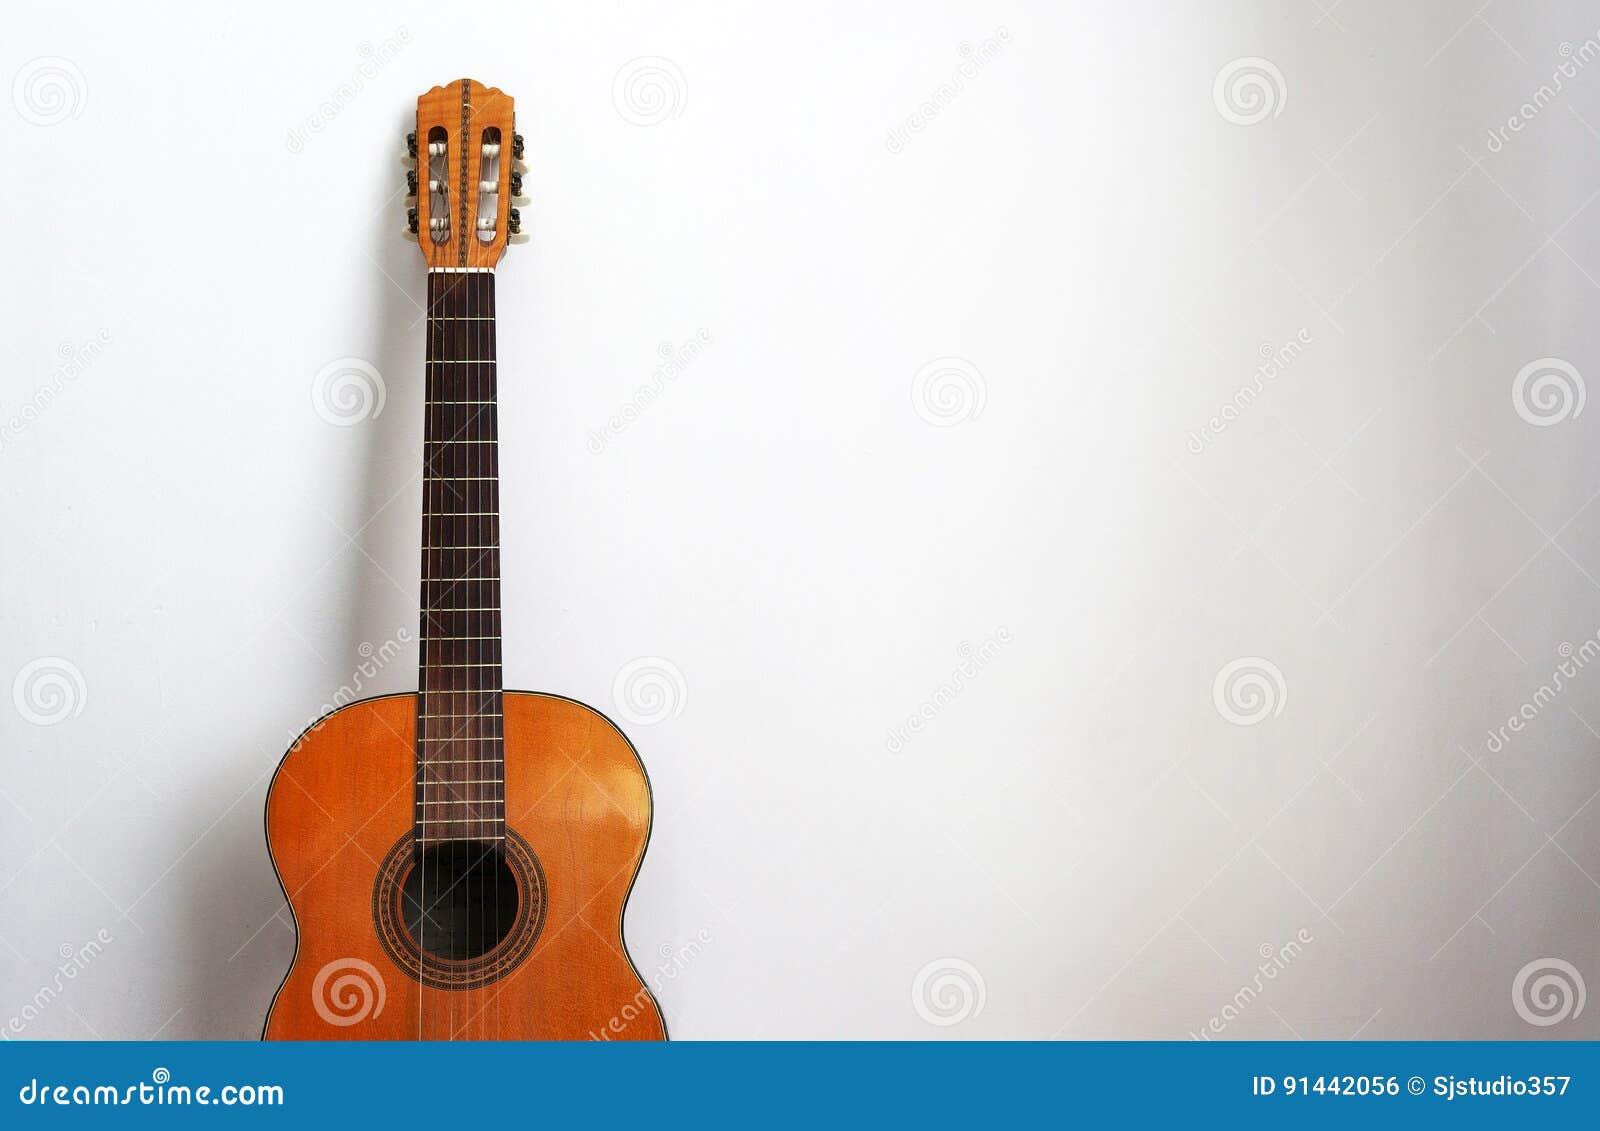 Akoestische gitaar op een witte muurachtergrond